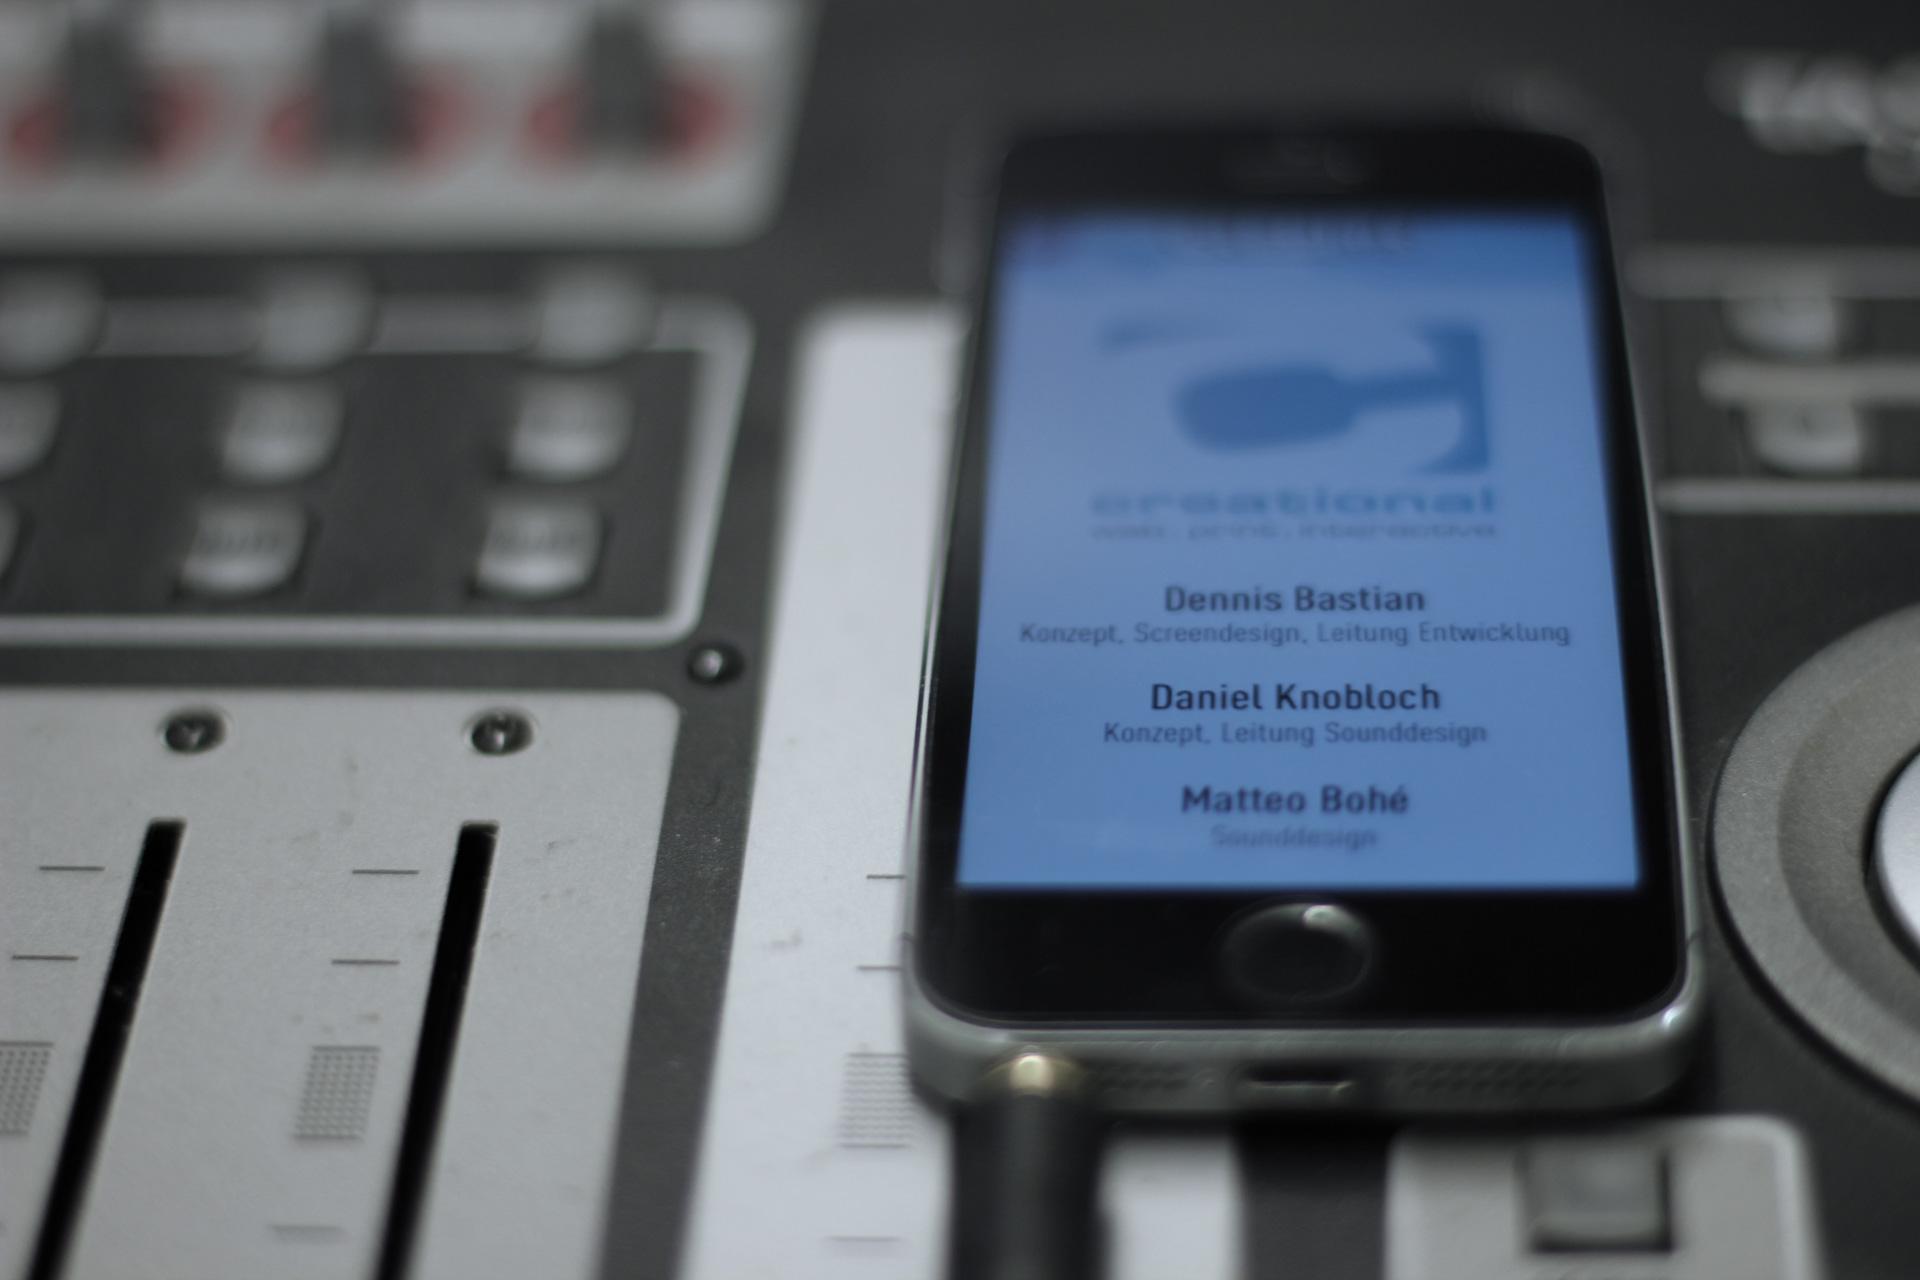 Sounddesign für Smartphone-Apps Köln